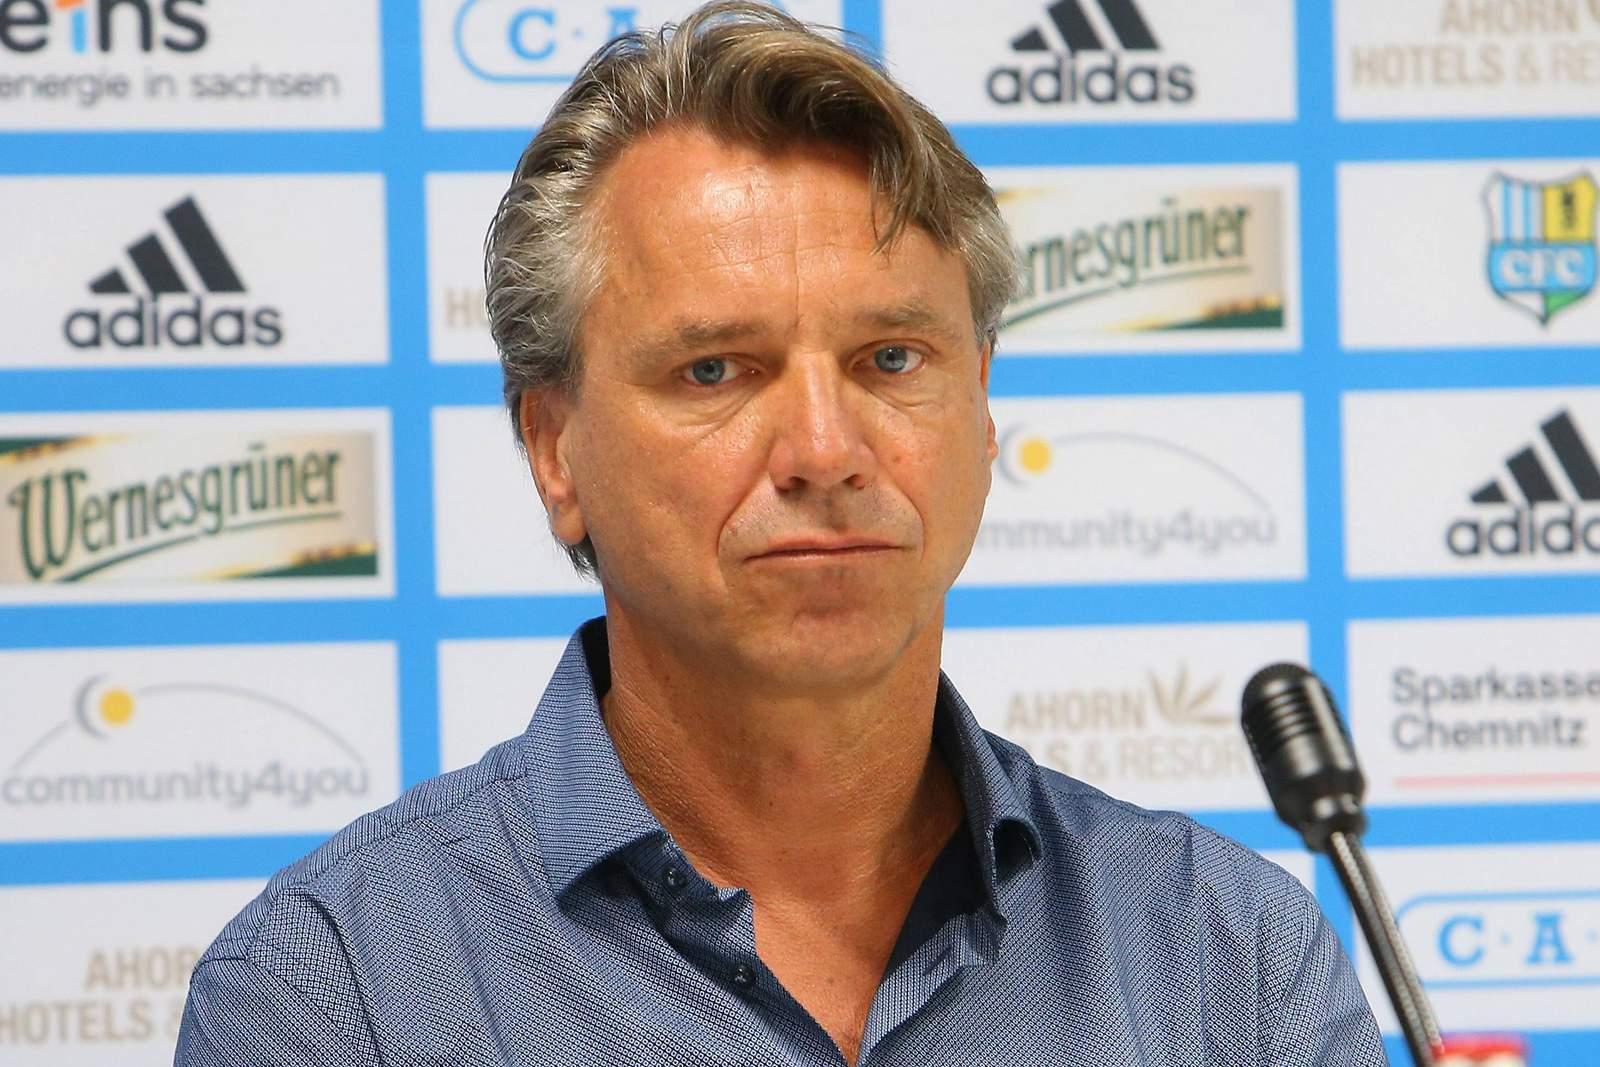 Horst Steffen, der Trainer vom Chemnitzer Fc